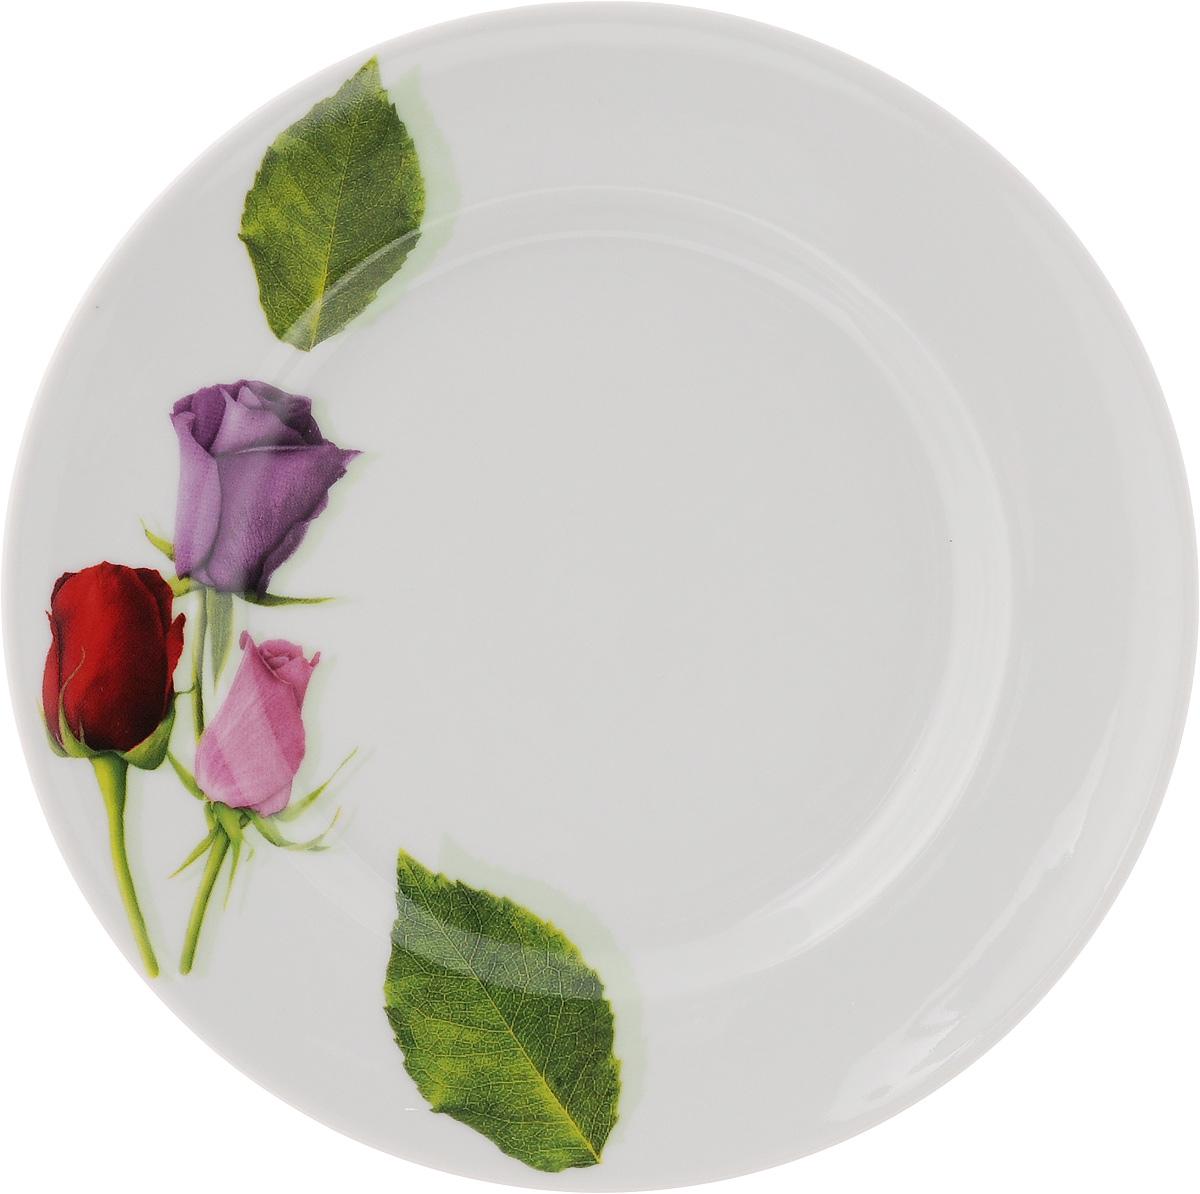 Тарелка Идиллия. Королева цветов, диаметр 19,5 смFS-91909Тарелка Идиллия. Королева цветов изготовлена из высококачественного фарфора. Изделие декорировано красочным изображением. Такая тарелка отлично подойдет в качестве блюда, она идеальна для сервировки закусок, нарезок, горячих блюд. Тарелка прекрасно дополнит сервировку стола и порадует вас оригинальным дизайном. Диаметр тарелки: 19,5 см. Высота стенки: 2,5 см.